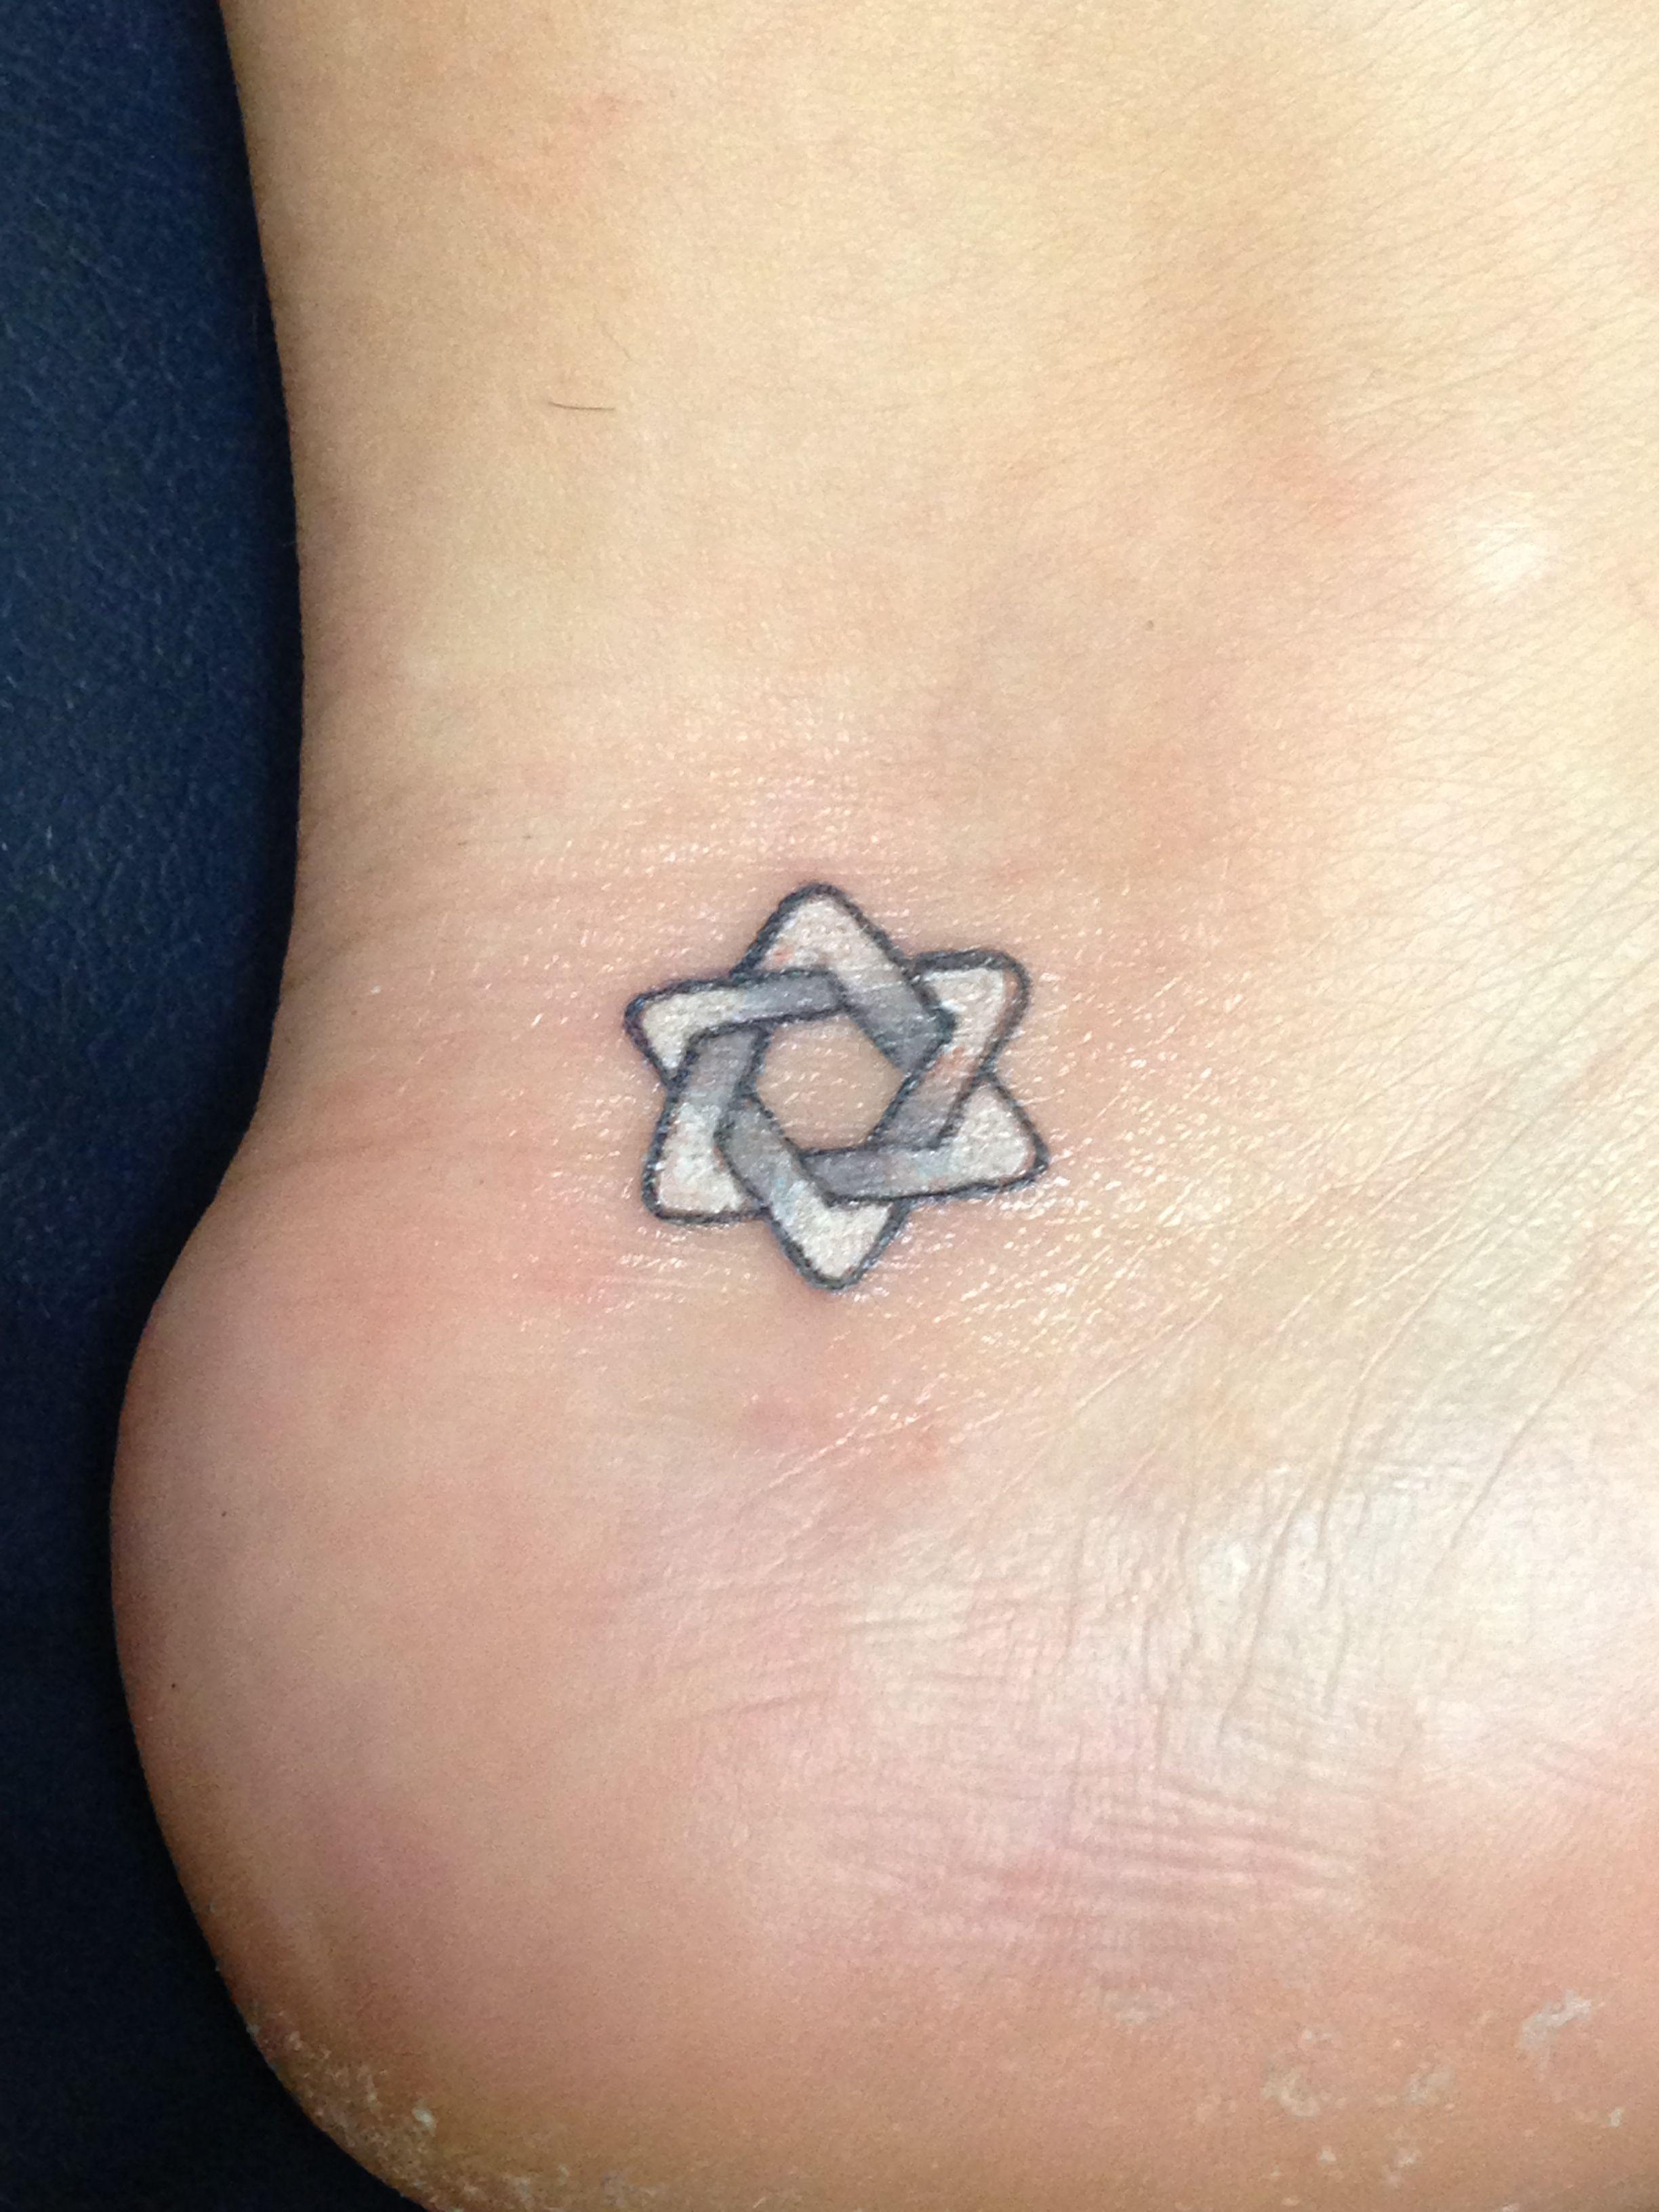 Small Star Of David Tattoo: Star Of David. Family Link Tattoo.